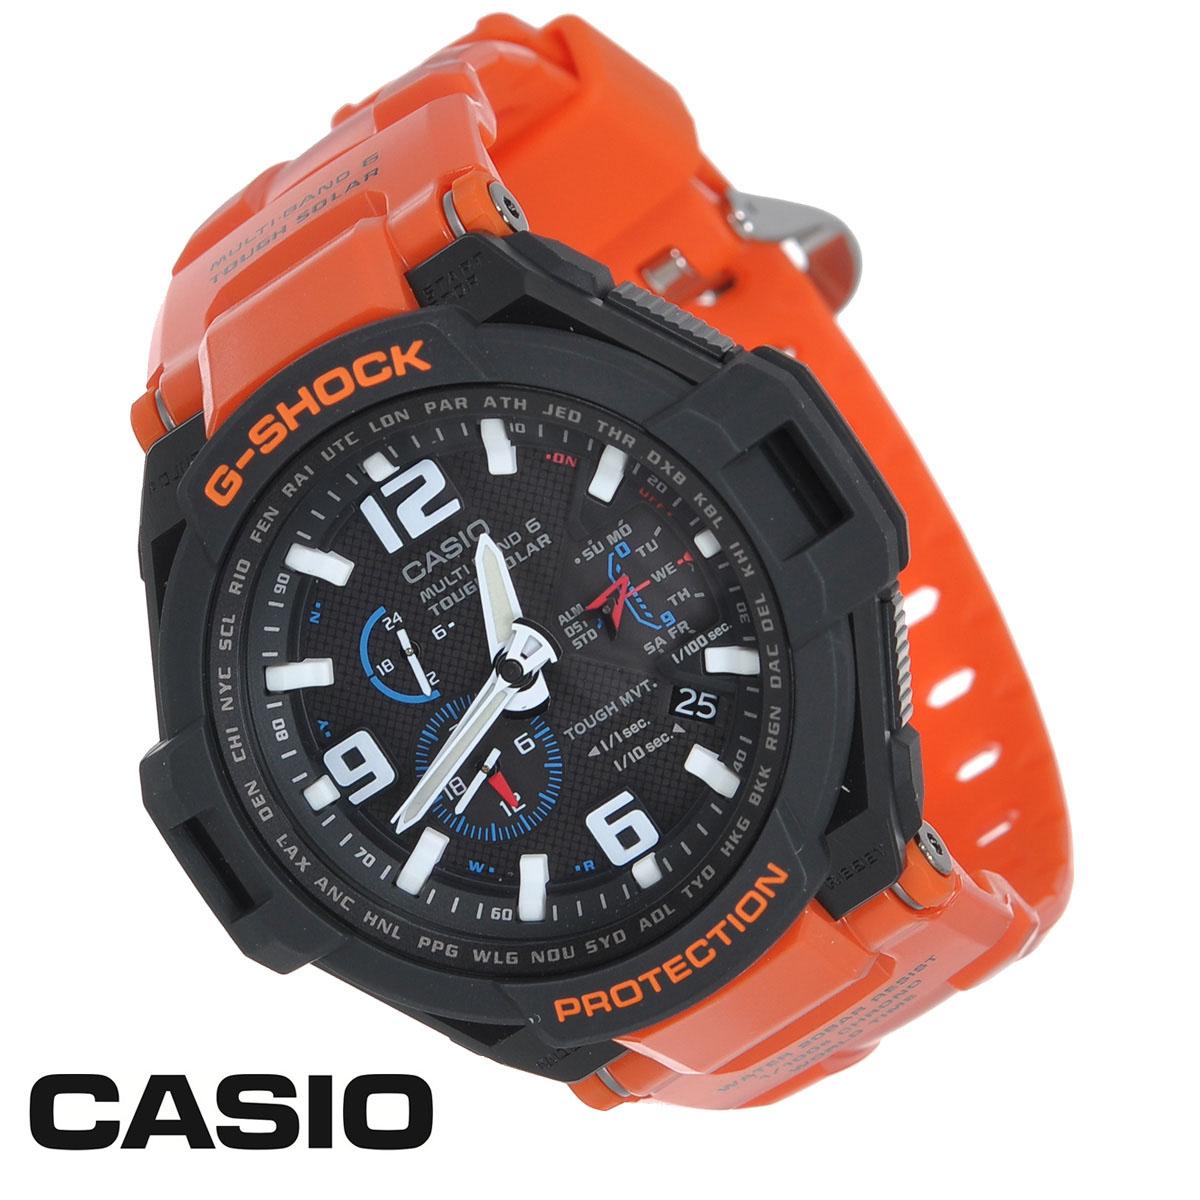 Часы мужские наручные Casio G-Shock, цвет: оранжевый, черный. GW-4000R-4AGW-4000R-4AСтильные кварцевые часы G-Shock от японского брэнда Casio - это яркий функциональный аксессуар для современных людей, которые стремятся выделиться из толпы и подчеркнуть свою индивидуальность. Часы выполнены в спортивном стиле. Корпус имеет ударопрочную конструкцию, защищающую механизм от ударов и вибрации. Светонакопительное покрытие Neobrite продолжает светиться в темноте даже после непродолжительного пребывания на свету. Ремешок из пластика имеет классическую застежку. Основные функции: - будильник; - автоматический календарь (число, месяц, день недели, год); - секундомер с точностью показаний 1/100 с и временем измерения 24 ч; - мировое время; - защита от воздействия гравитационной, центробежной и вибрационной сил; - функция автоматического сохранения энергии; - коррекция текущего времени радиосигналом на территории почти всей Европы, США, Японии и Китая; - звуковой...